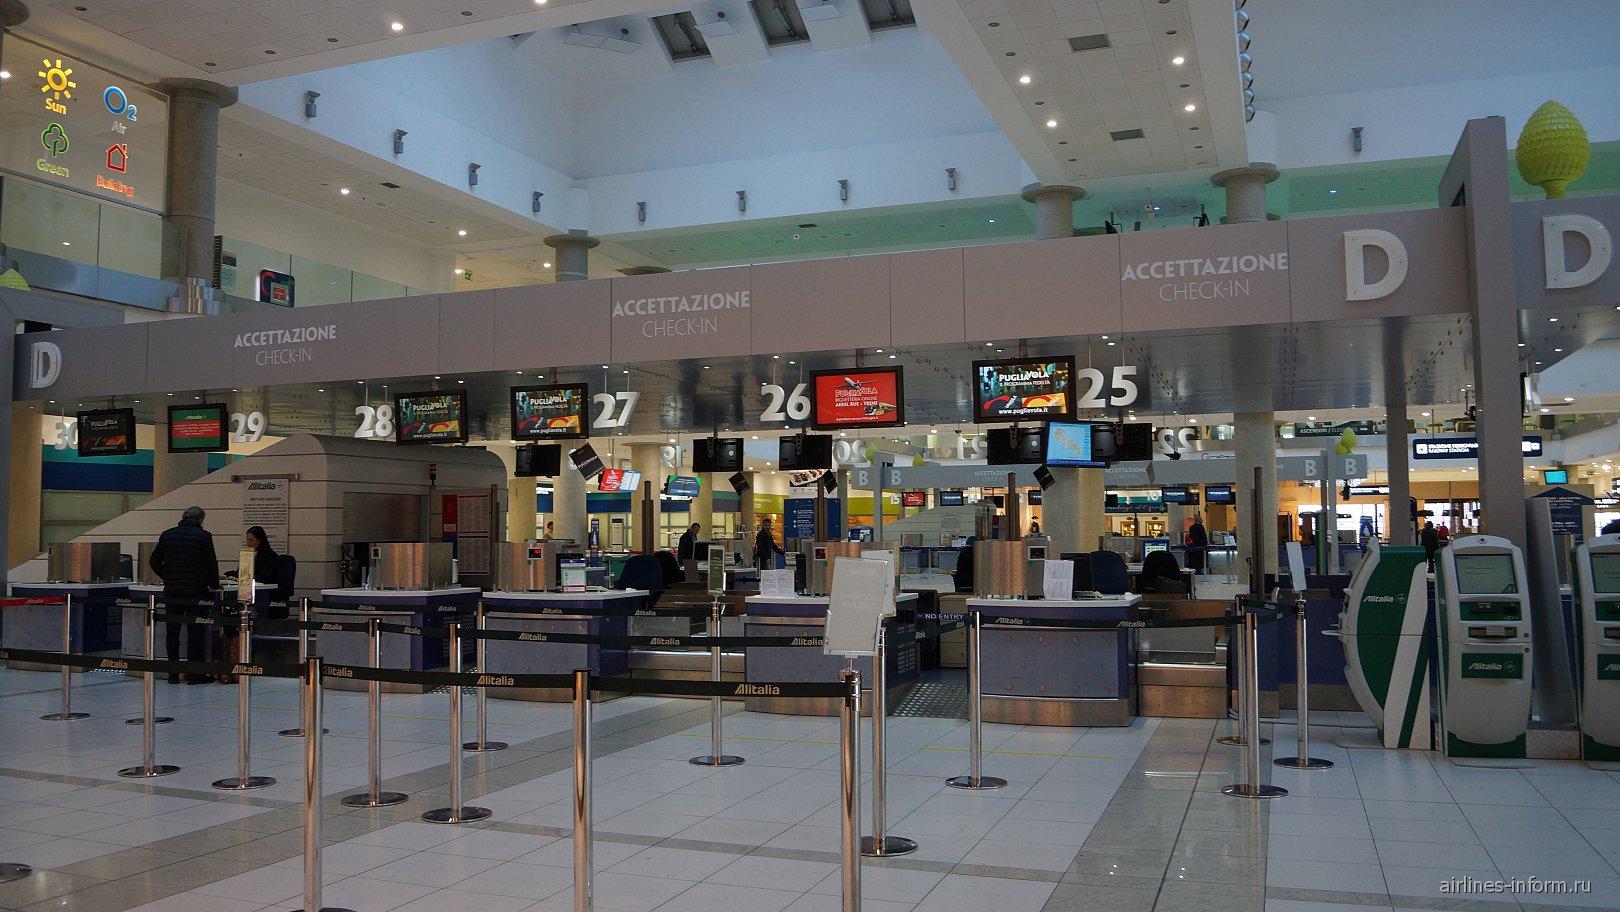 Стойки регистрации на рейсы Alitalia в аэропорту Бари имени Кароля Войтылы